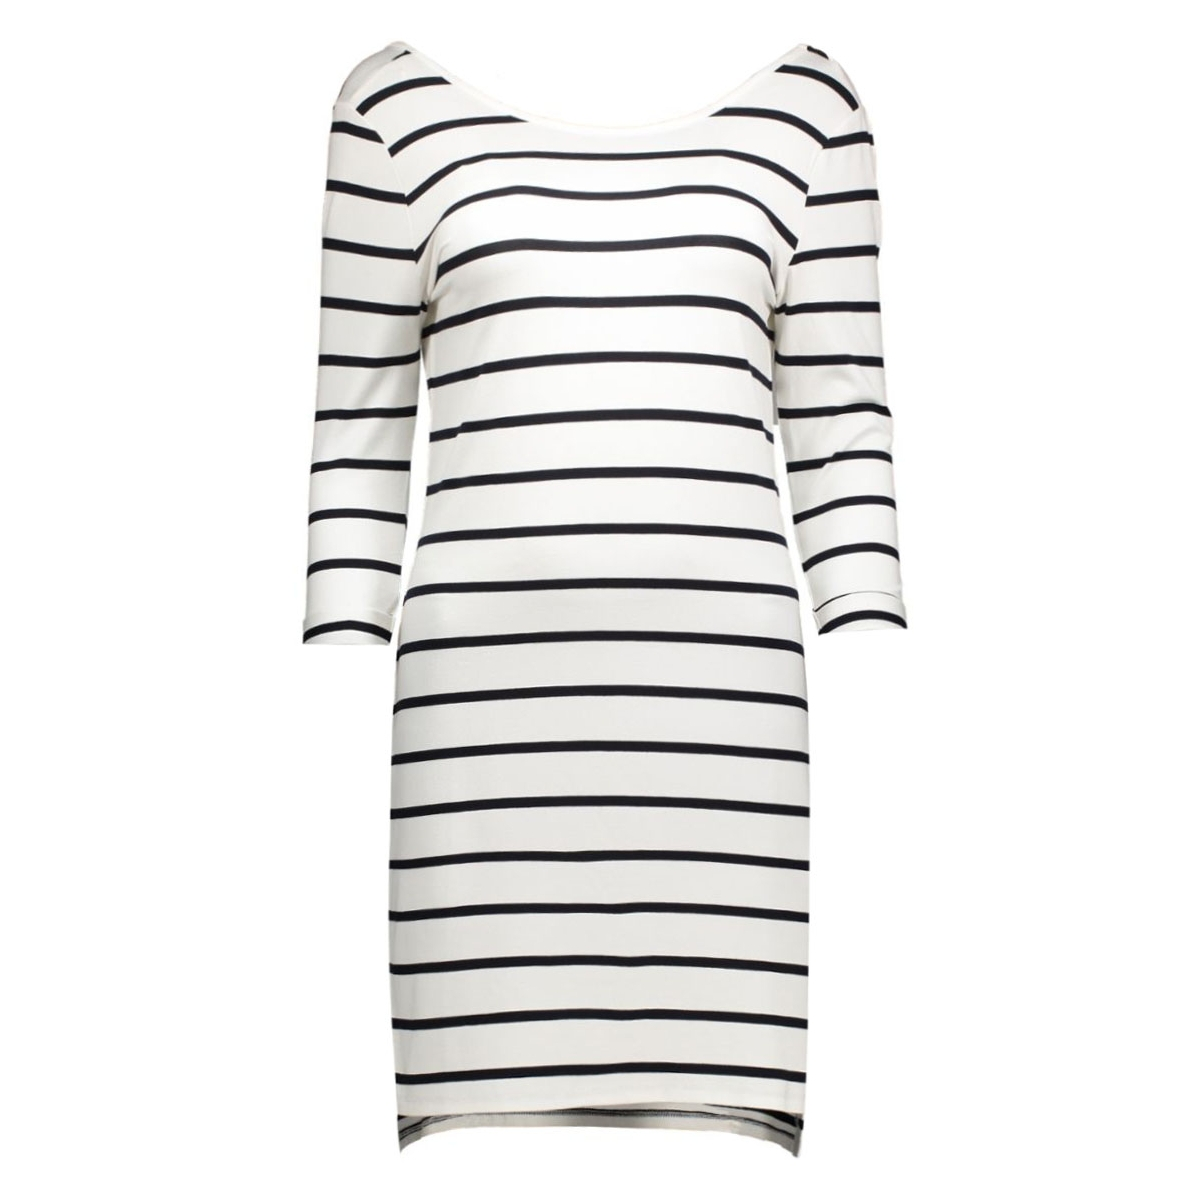 objelona 3/4 dress noos 23021903 object jurk white- noos